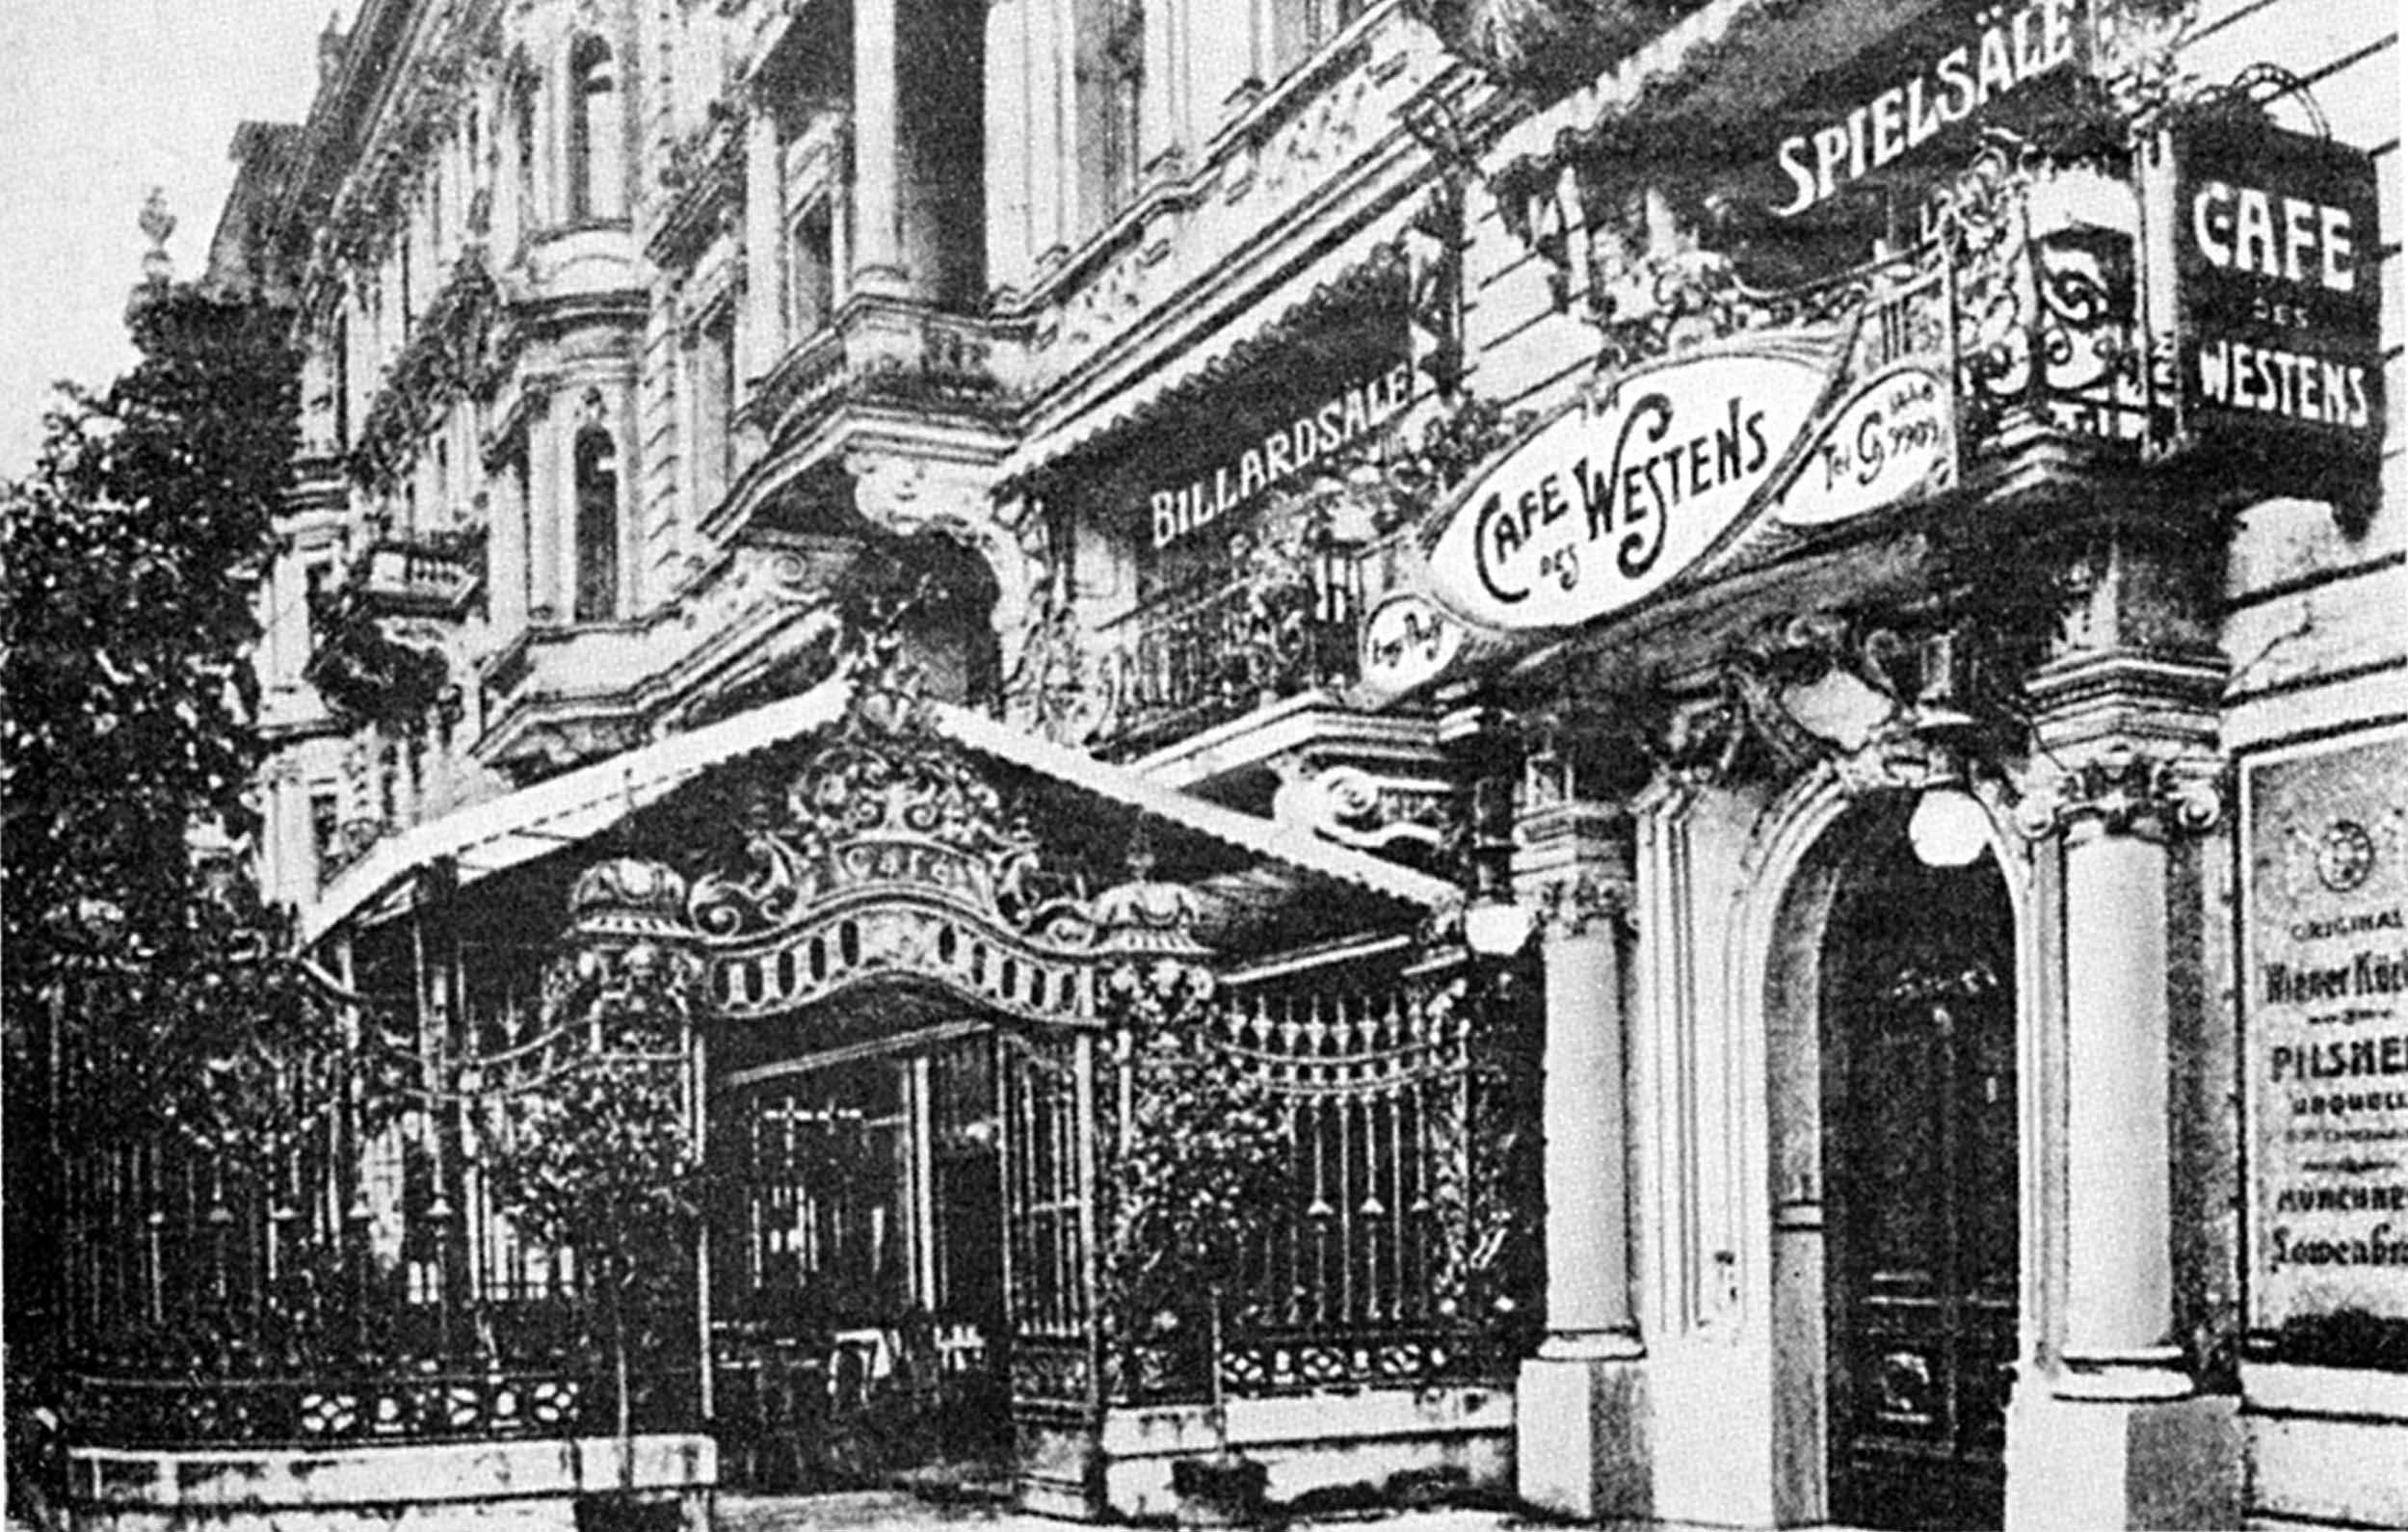 Cafe Des Westens Berlin